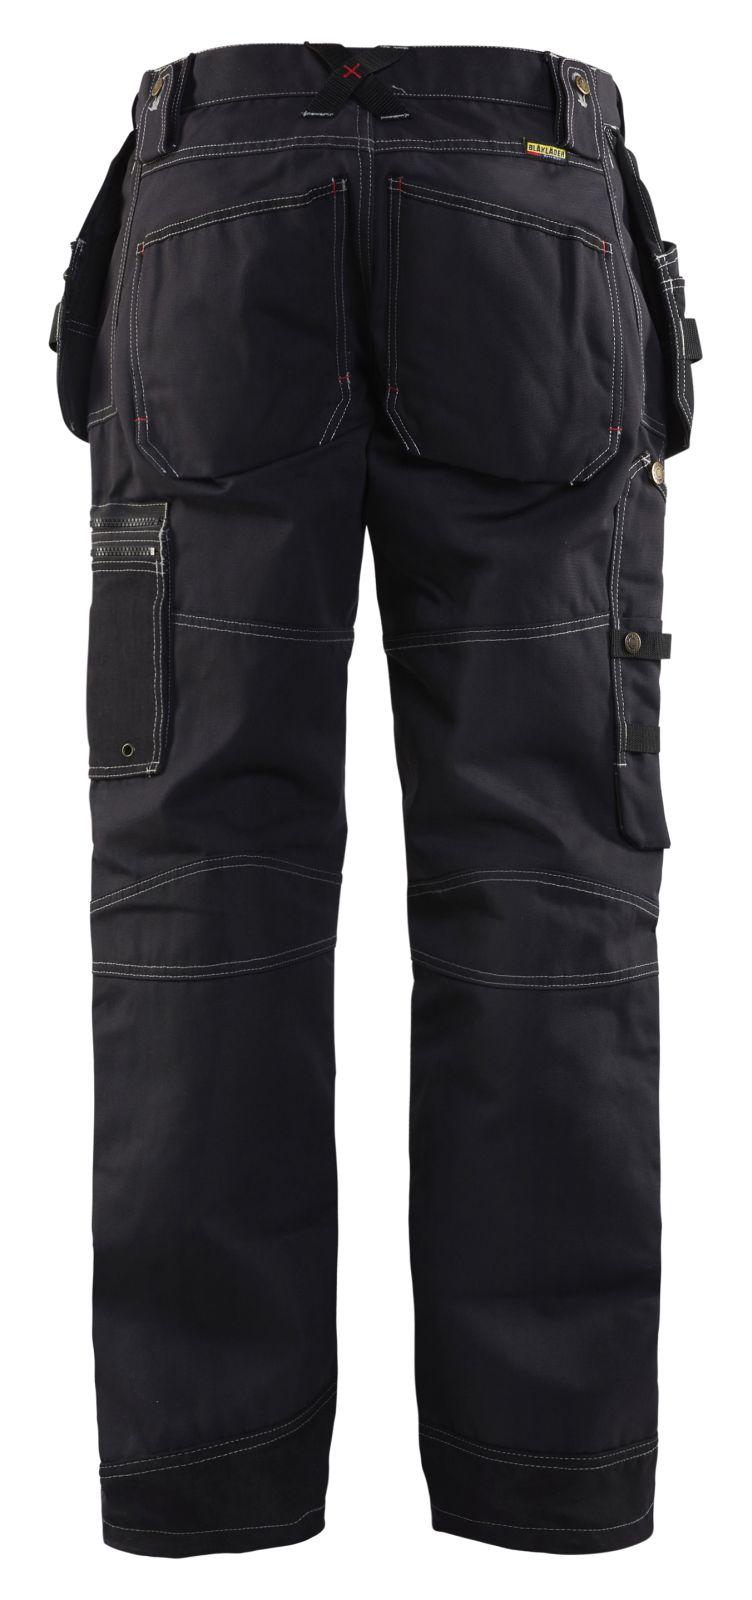 Blaklader Broeken 15001380 zwart(9900)